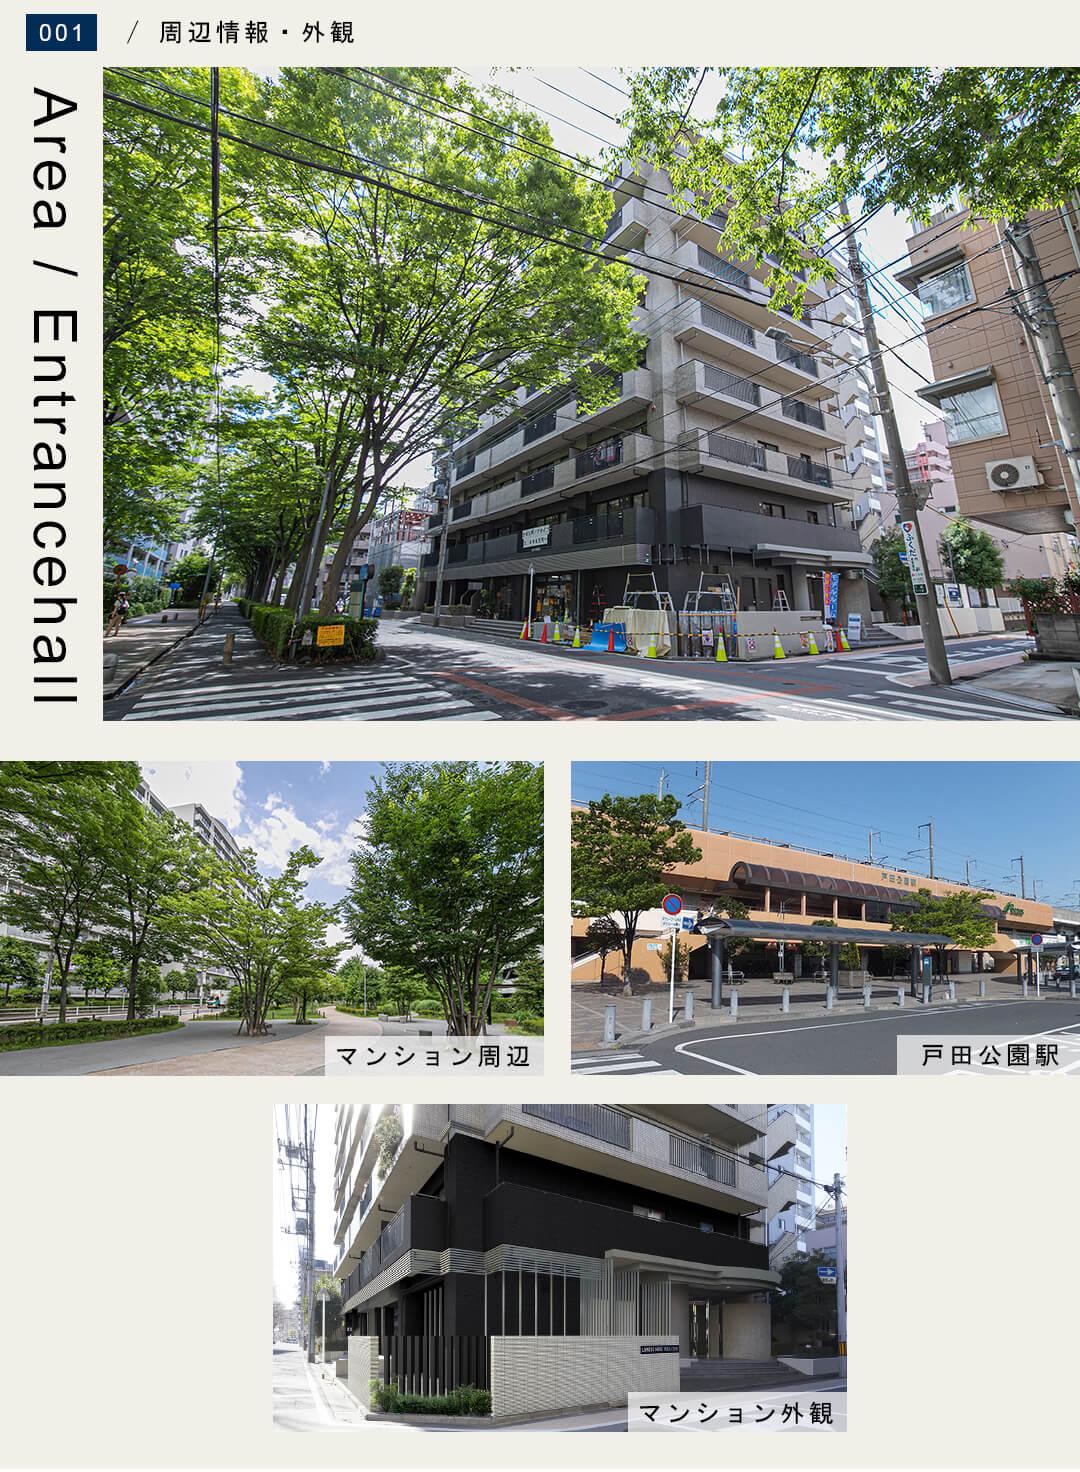 リブネスモア戸田公園303の外観と周辺情報